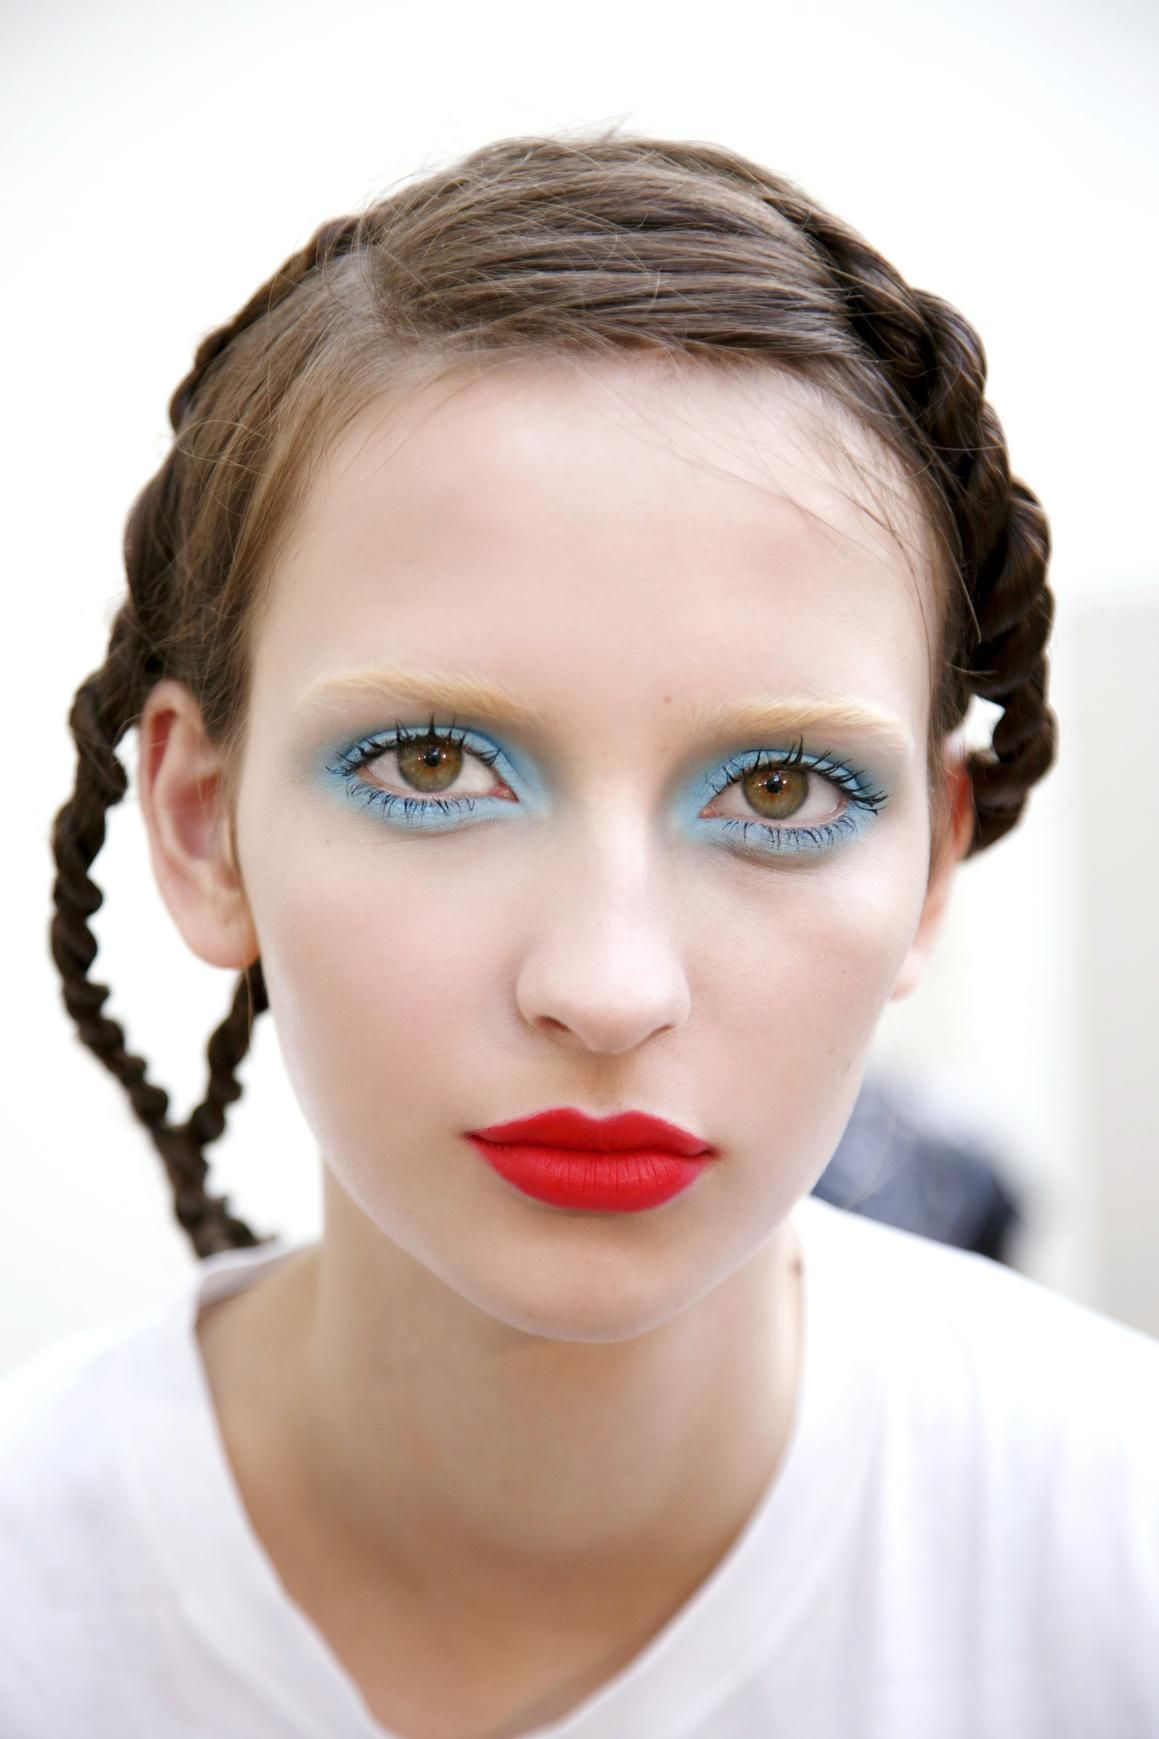 Look - Beauty spring trend blue eye makeup video